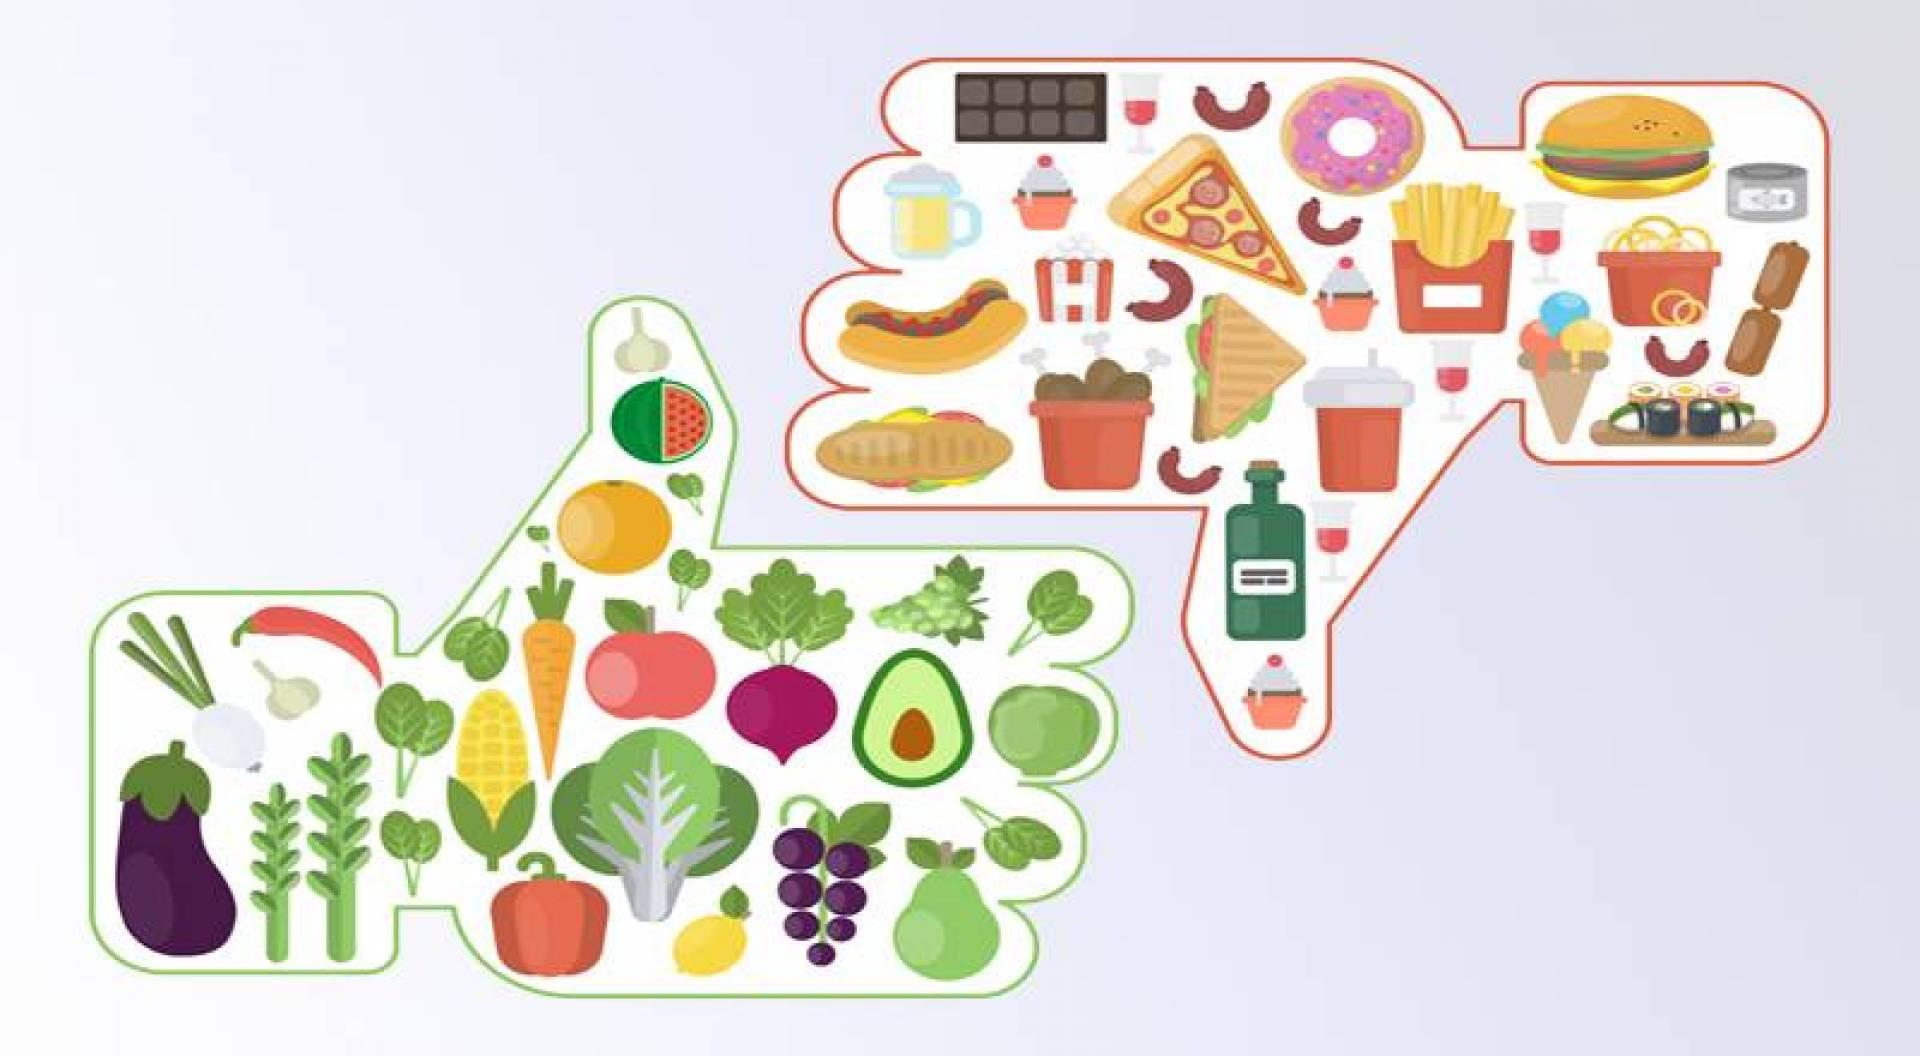 د. يوسف بوعباس لـ«القبس»: عادات الغذاء تحتاج انضباطاً